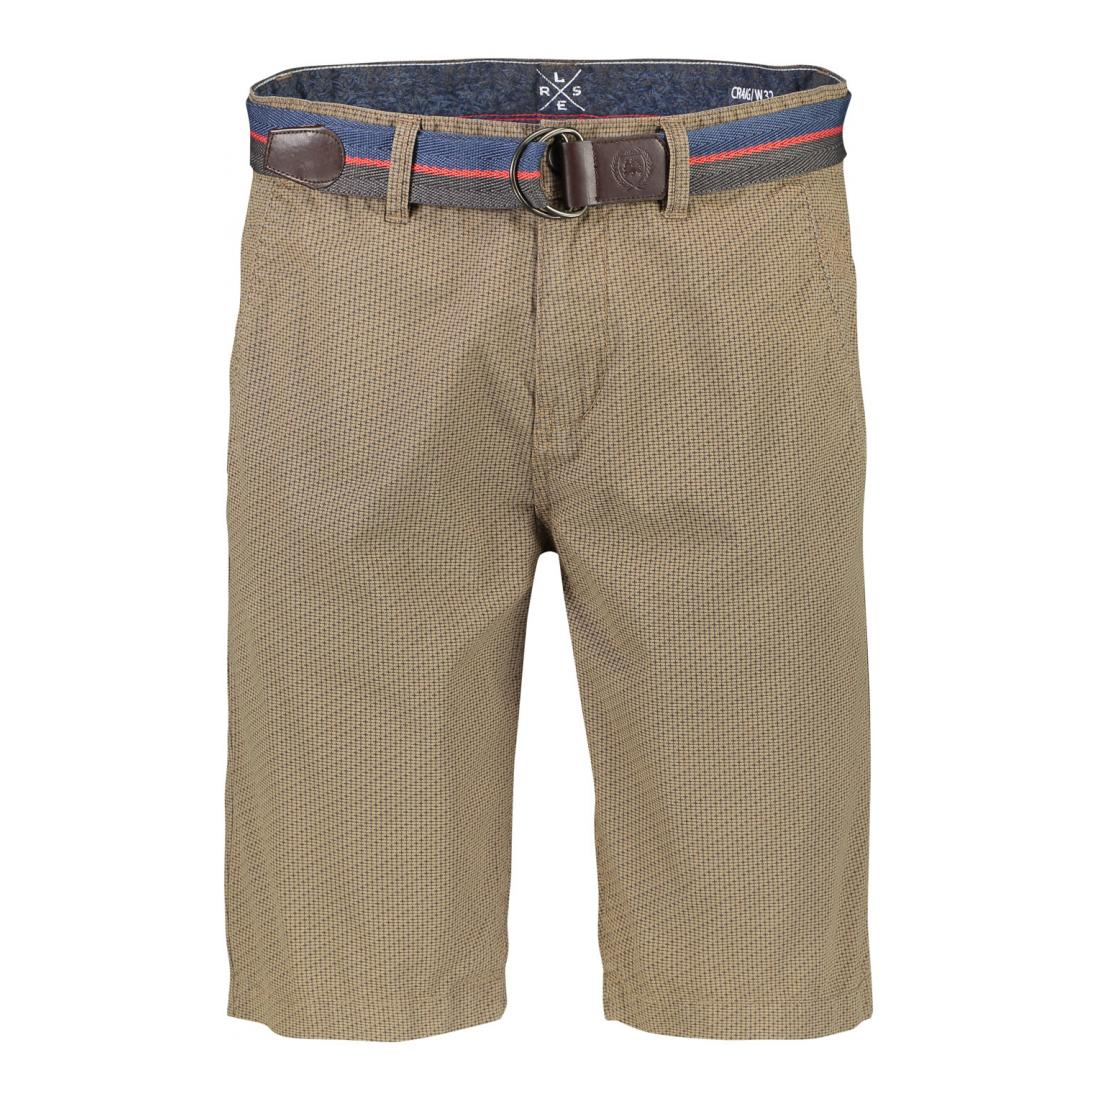 Lerros Bermuda/Shorts Herren HOSE KURZ